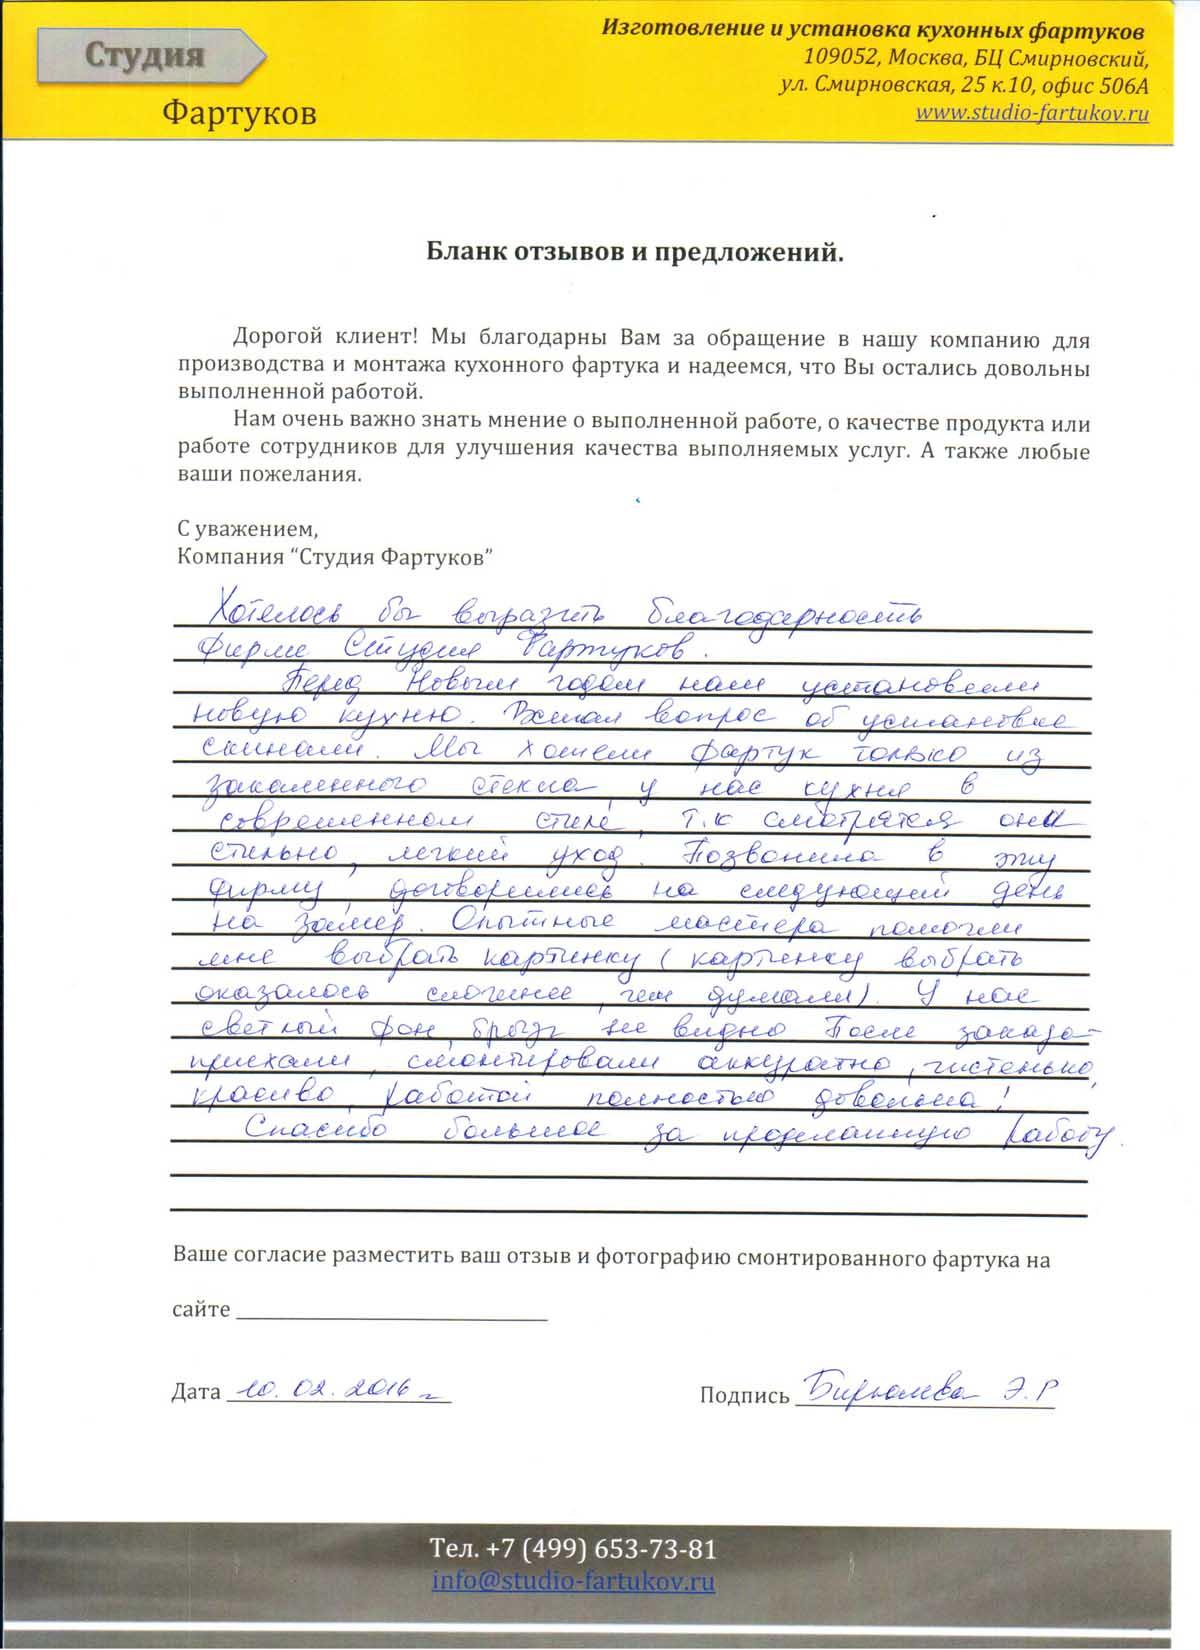 Отзыв Бирюлевой Элеоноры от 10.02.2016 по Договору 555/2016